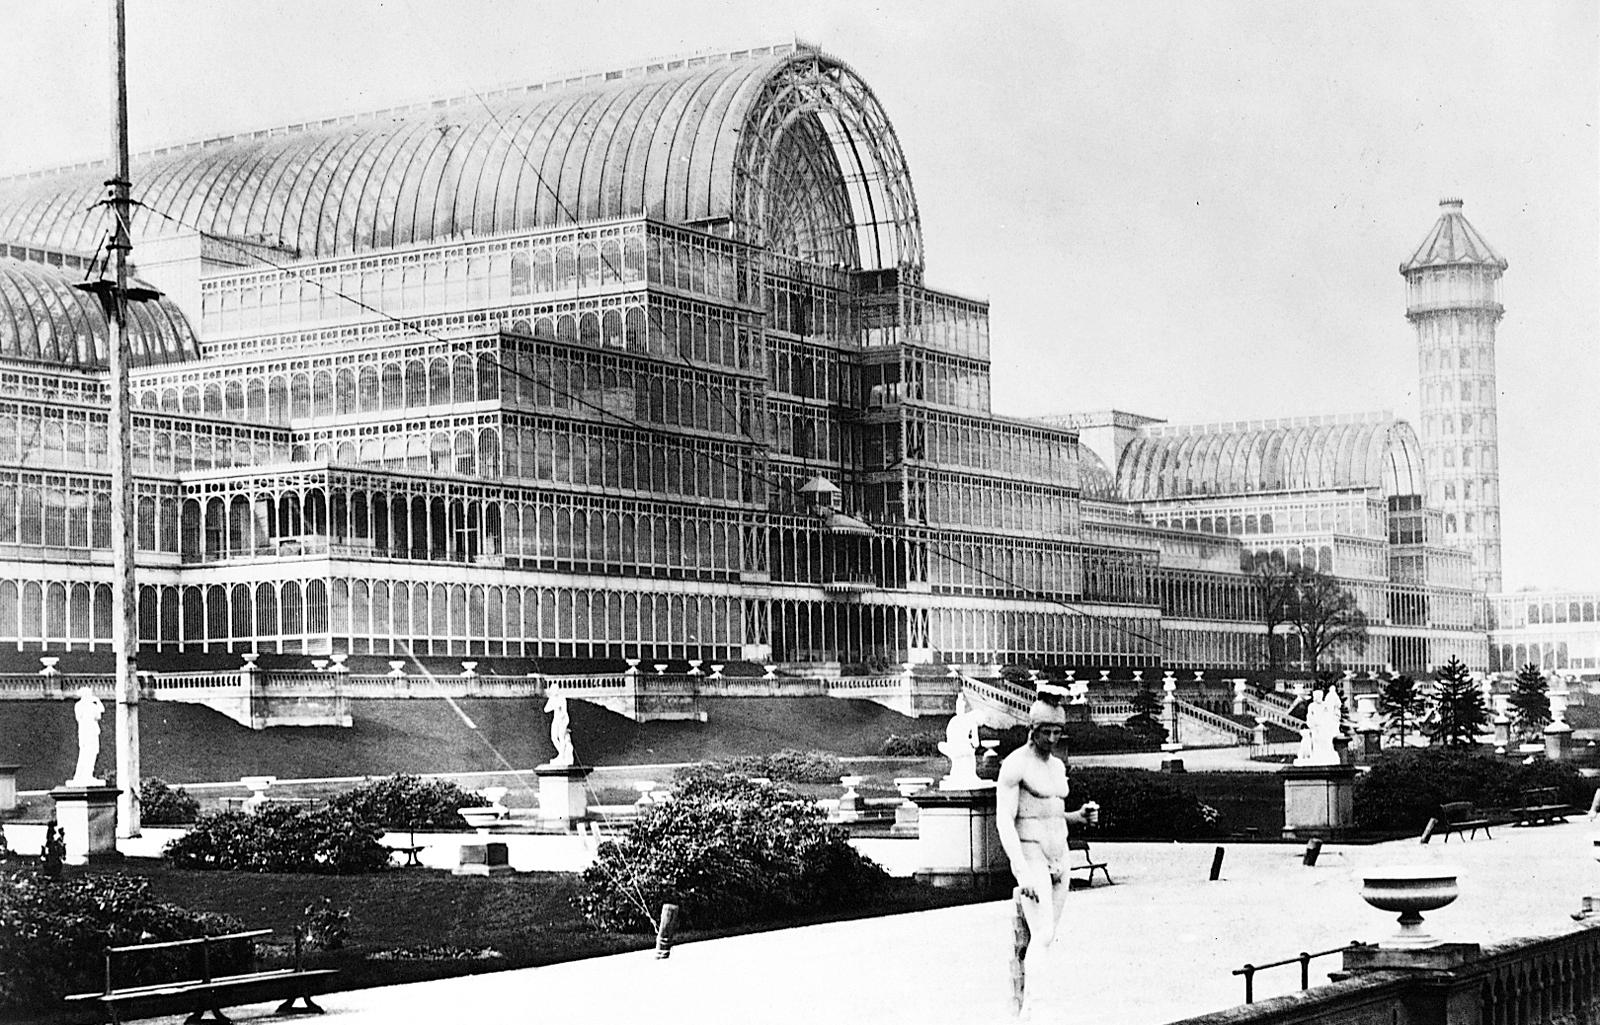 Endüstri çağının başlangıcını simgeleyen Crystal Palace, Londra